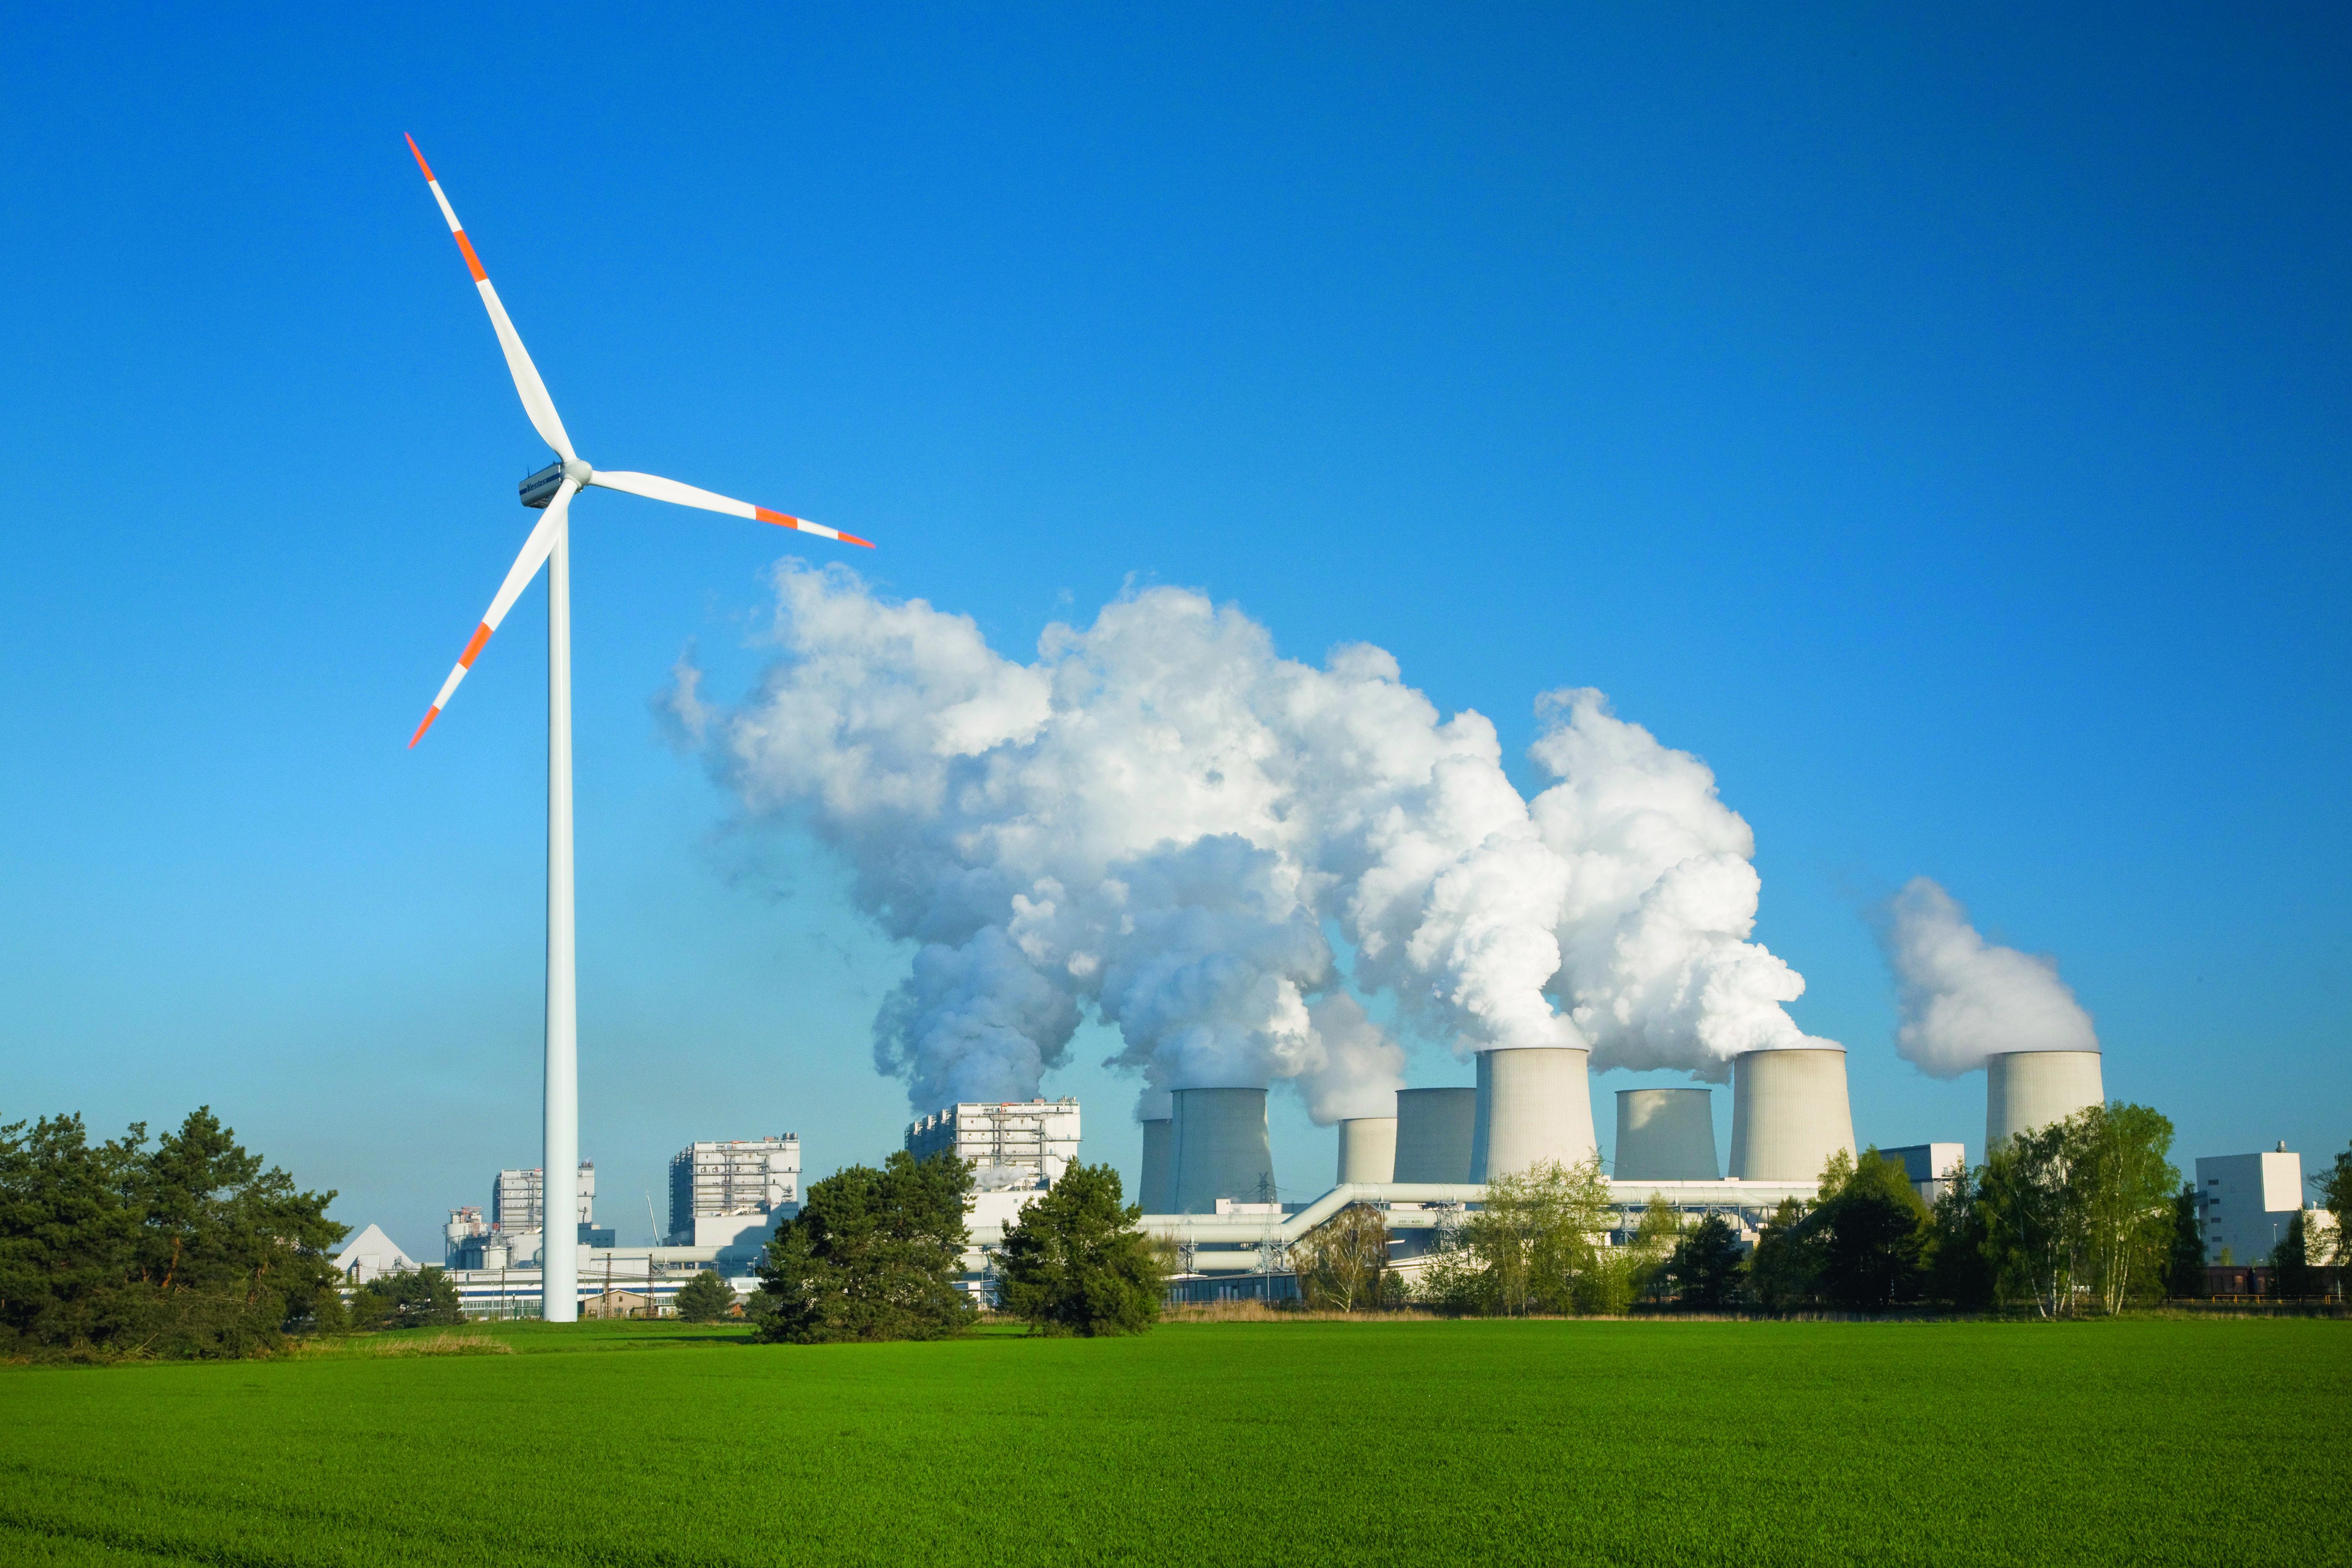 DEU/Brandenburg/Peitz  (Copyright © Rainer Weisflog +49171/6254657) Das Energieunternehmen Vattenfall Europe will zunehmend erneuerbare Energietraeger anwenden. Vor allem beim Ausbau von Windenergie und Biomasse will sich Vattenfall mehr engagieren. So entstand in der Naehe vom Kraftwerk Jaenschwalde u.a. ein Testfeld fuer Windkraftanlagen.  Mehrere Windraeder mit einer maximalen Leistung von 2,5 MW wurden bereits am Rand des Tagebaus Cottbus-Nord und auf Kippengelaende des Tagebaus Jaenschwalde aufgebaut. Weitere Standorte fuer Windenergieanlagen, vor allem fuer Offshore-Windkraftanlagen, werden gesucht. Die Windkraftanlagen haben eine Hoehe von 110 Metern, der Rotor einen Durchmesser von mehr als 90 Metern. Das aus den 80er Jahren stammende 3000 MW Braunkohlenkraftwerk Jaenschwalde (SPN) gehoert zum Energiekonzern Vattenfall und wurde 1992 bis 1995 mit einer Entschweflungsanlage und weiterer Umwelttechnik modernisiert. Nach Aussagen des Energiekonzerns sind seit 1990 die Ostdeutschen Braunkohlekraftwerke durch Stilllegung, Modernisierung und Neubau mit fast 30 Prozent an der CO2 Reduktion in Deutschland beteiligt. Bis 2050 hat sich Vattenfall hat sich das Ziel gesetzt  bei der Stromerzeugung CO2-neutral zu produzieren.  Allein das Kraftwerk Jaenschalde emittiert rund 25 Mio Tonnen CO2 im Jahr. (CREDIT/Copyright (c): Rainer Weisflog /Contakt: E-Mail: Foto@Weisflog.net ; Tel. +490355/824499; Weitere Infos auf: www.rainer-weisflog.de)